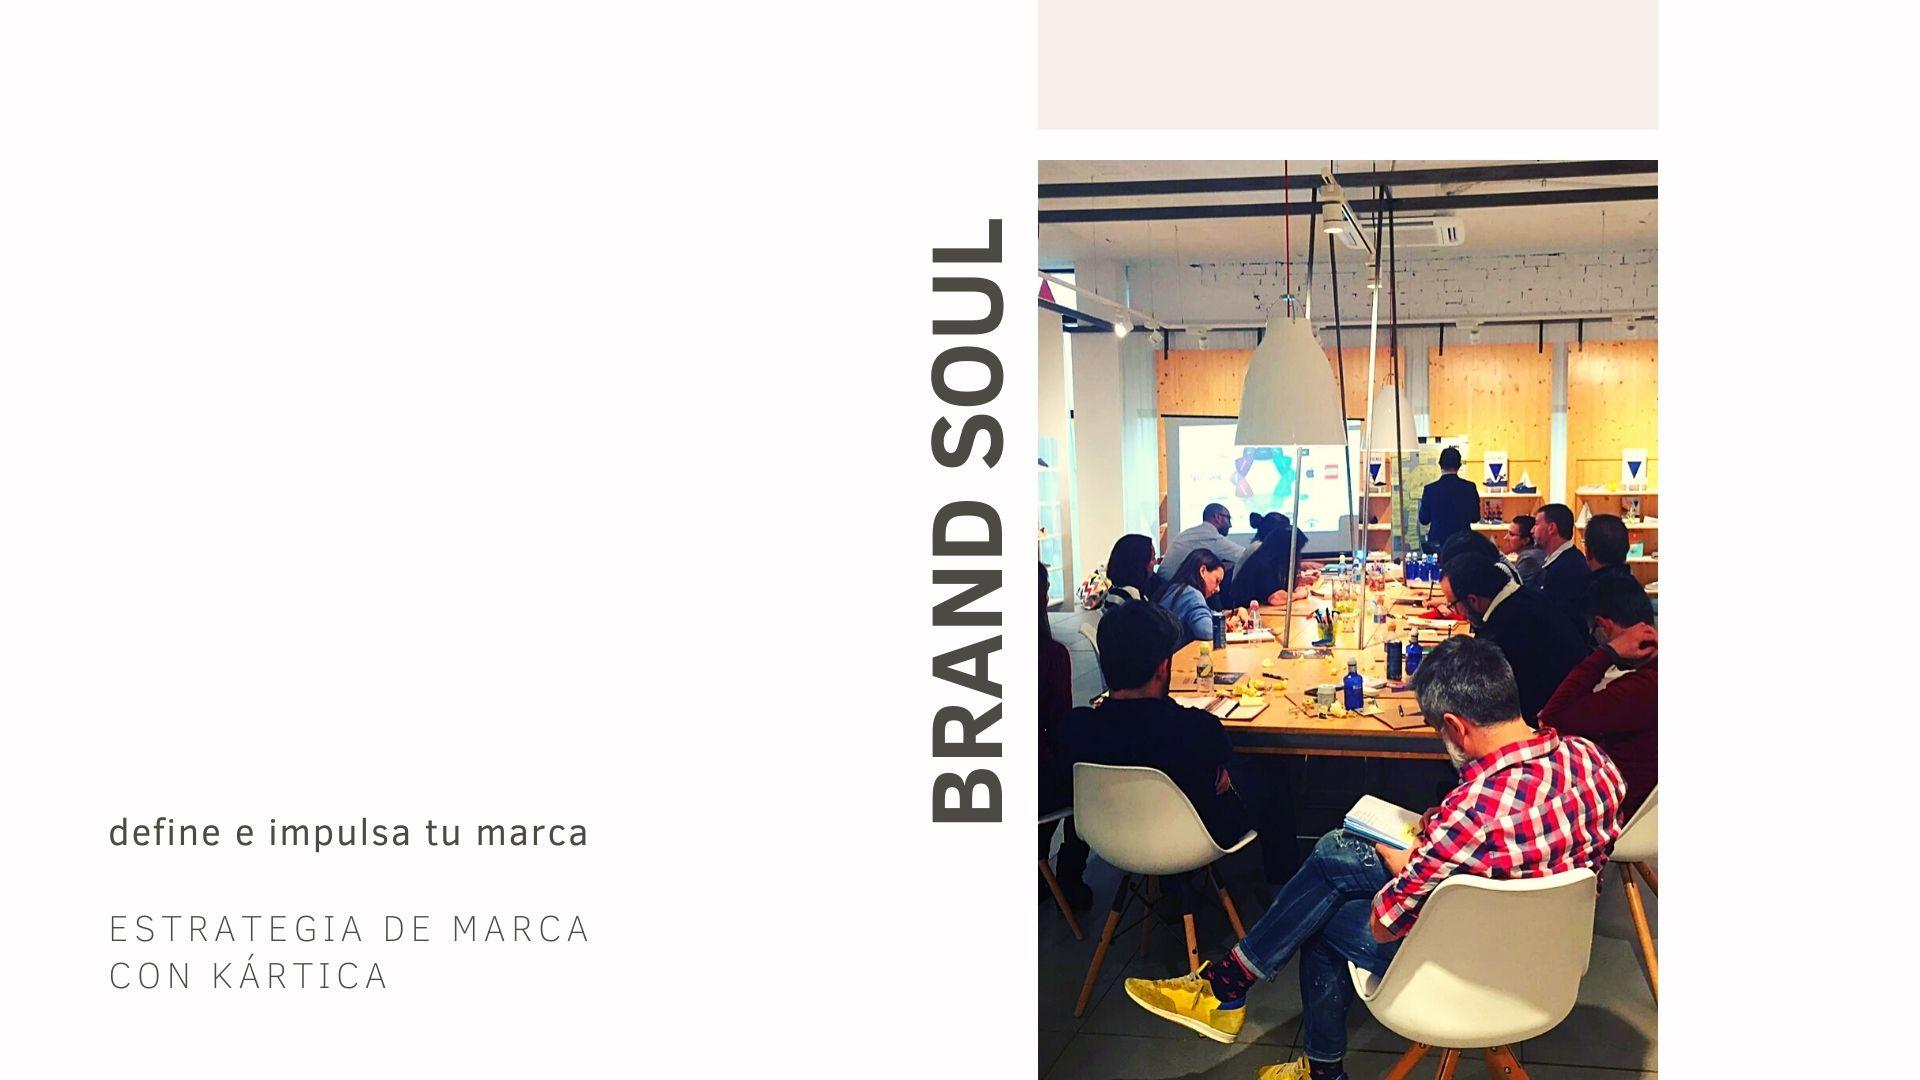 Estrategia de Marca - Kártica Branding Valencia